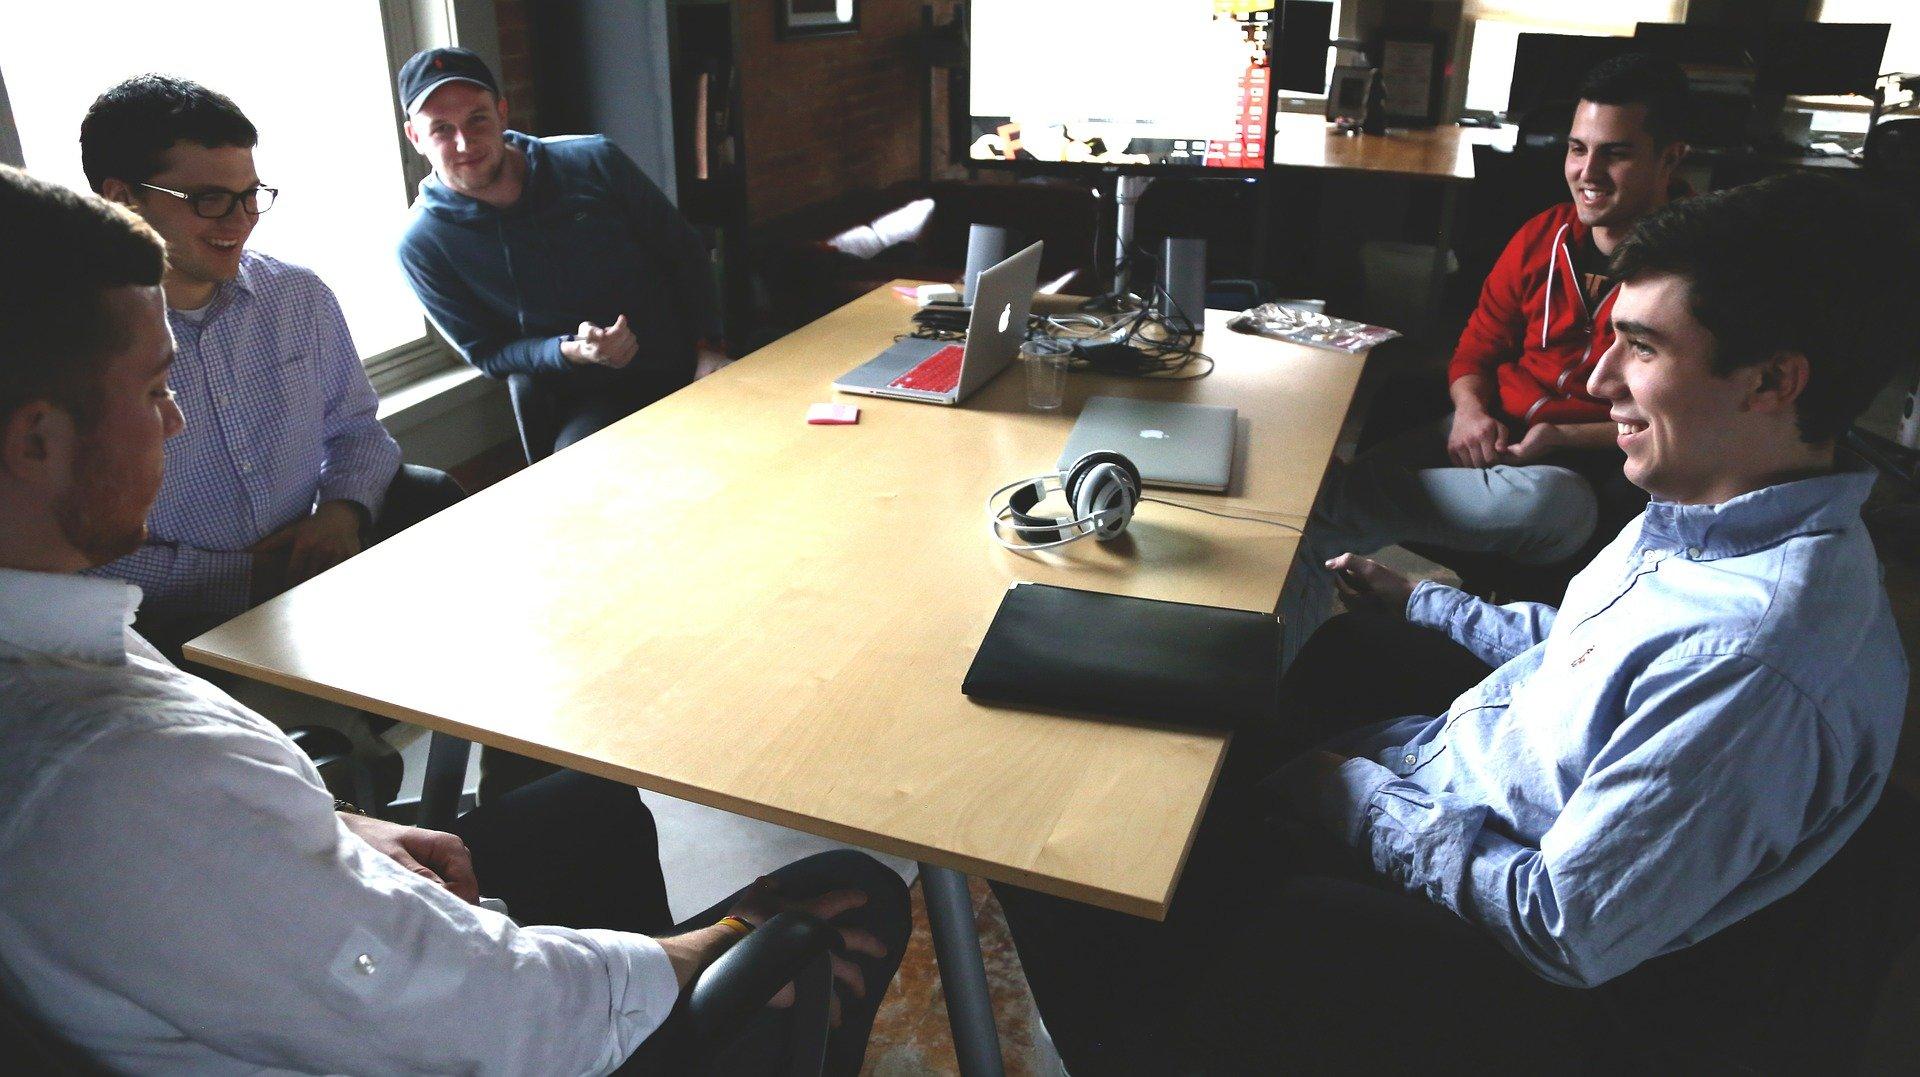 Vemos homens em uma sala de reunião (imagem ilustrativa).